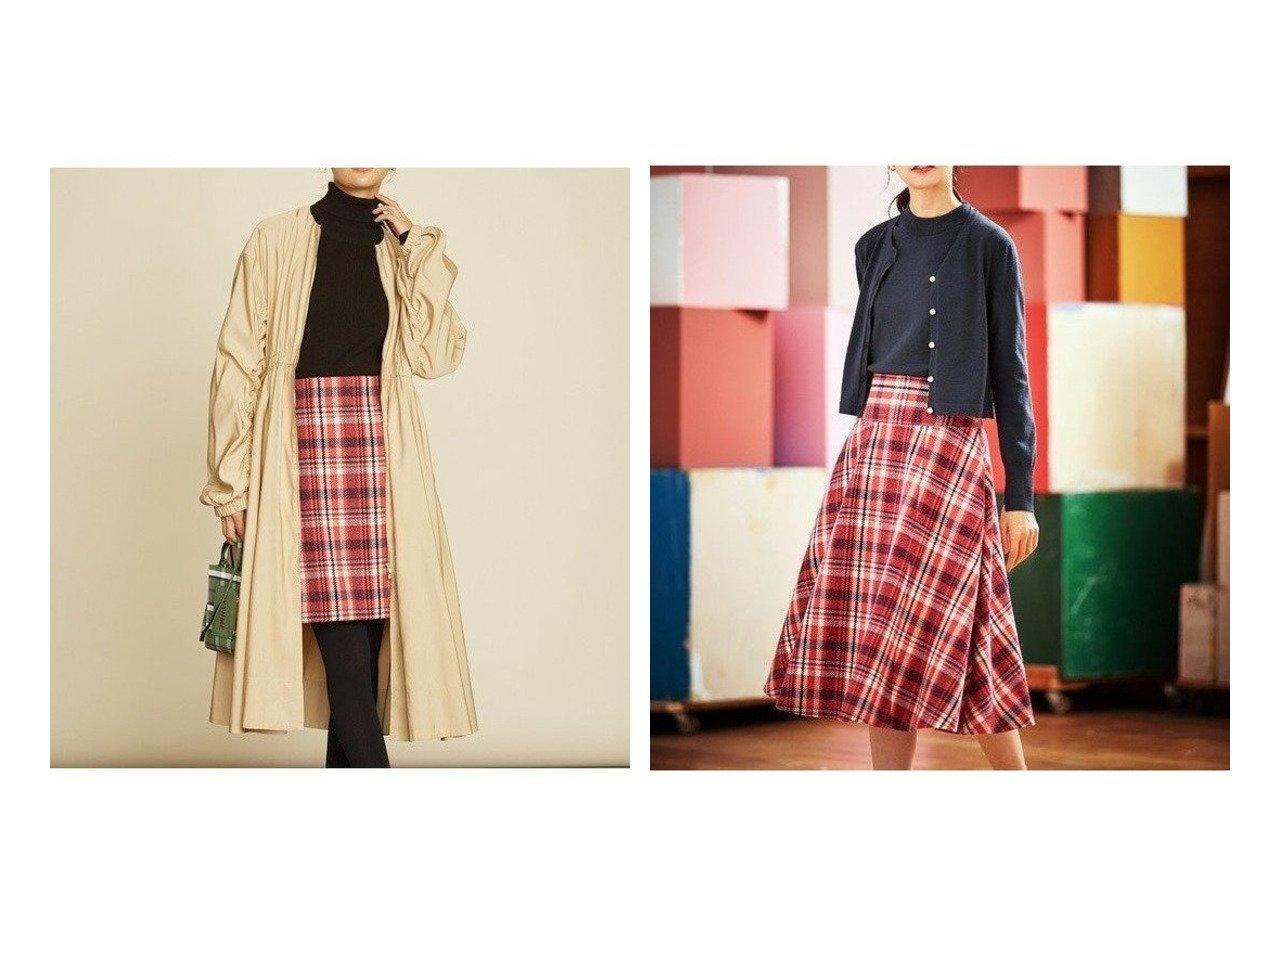 【KUMIKYOKU/組曲】の【Rythme KUMIKYOKU】ギャザーモッズ コート&【Rythme KUMIKYOKU】ビックチェックカルゼ フレアスカート おすすめ!人気トレンド・レディースファッションの通販 おすすめで人気のファッション通販商品 インテリア・家具・キッズファッション・メンズファッション・レディースファッション・服の通販 founy(ファニー) https://founy.com/ ファッション Fashion レディース WOMEN アウター Coat Outerwear コート Coats ジャケット Jackets モッズ/フィールドコート Mods Field Coats スカート Skirt Aライン/フレアスカート Flared A-Line Skirts ギャザー グログラン コレクション ショート シンプル ジャケット トレンド ドレス バルーン フレアースカート モッズコート A/W 秋冬 Autumn &  Winter |ID:crp329100000007239